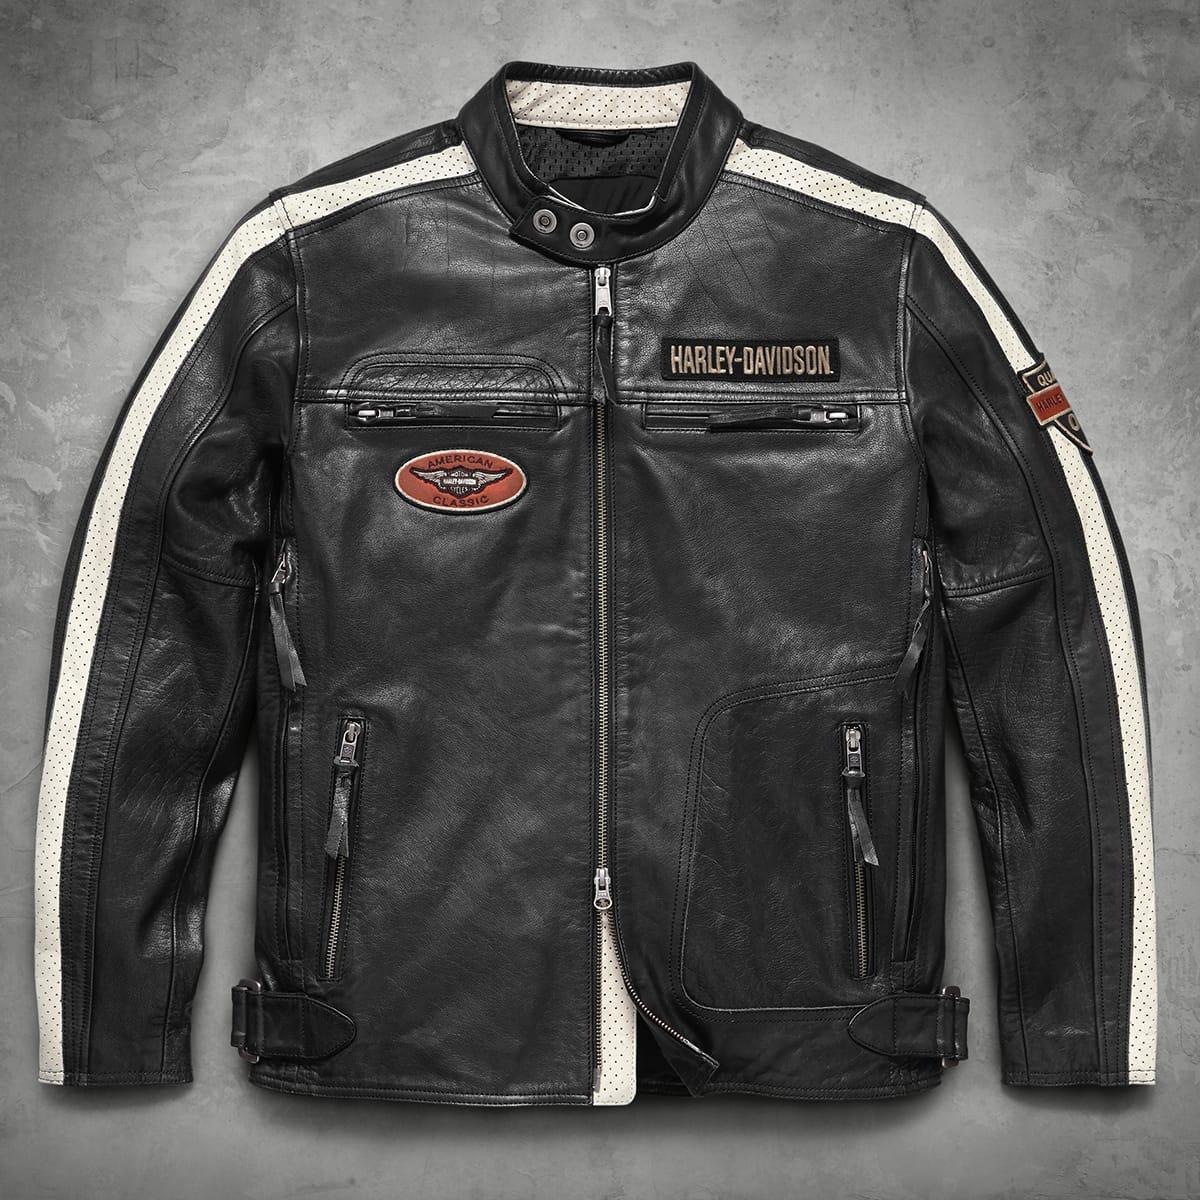 Harley Davidson Leather Jacket Cleaner